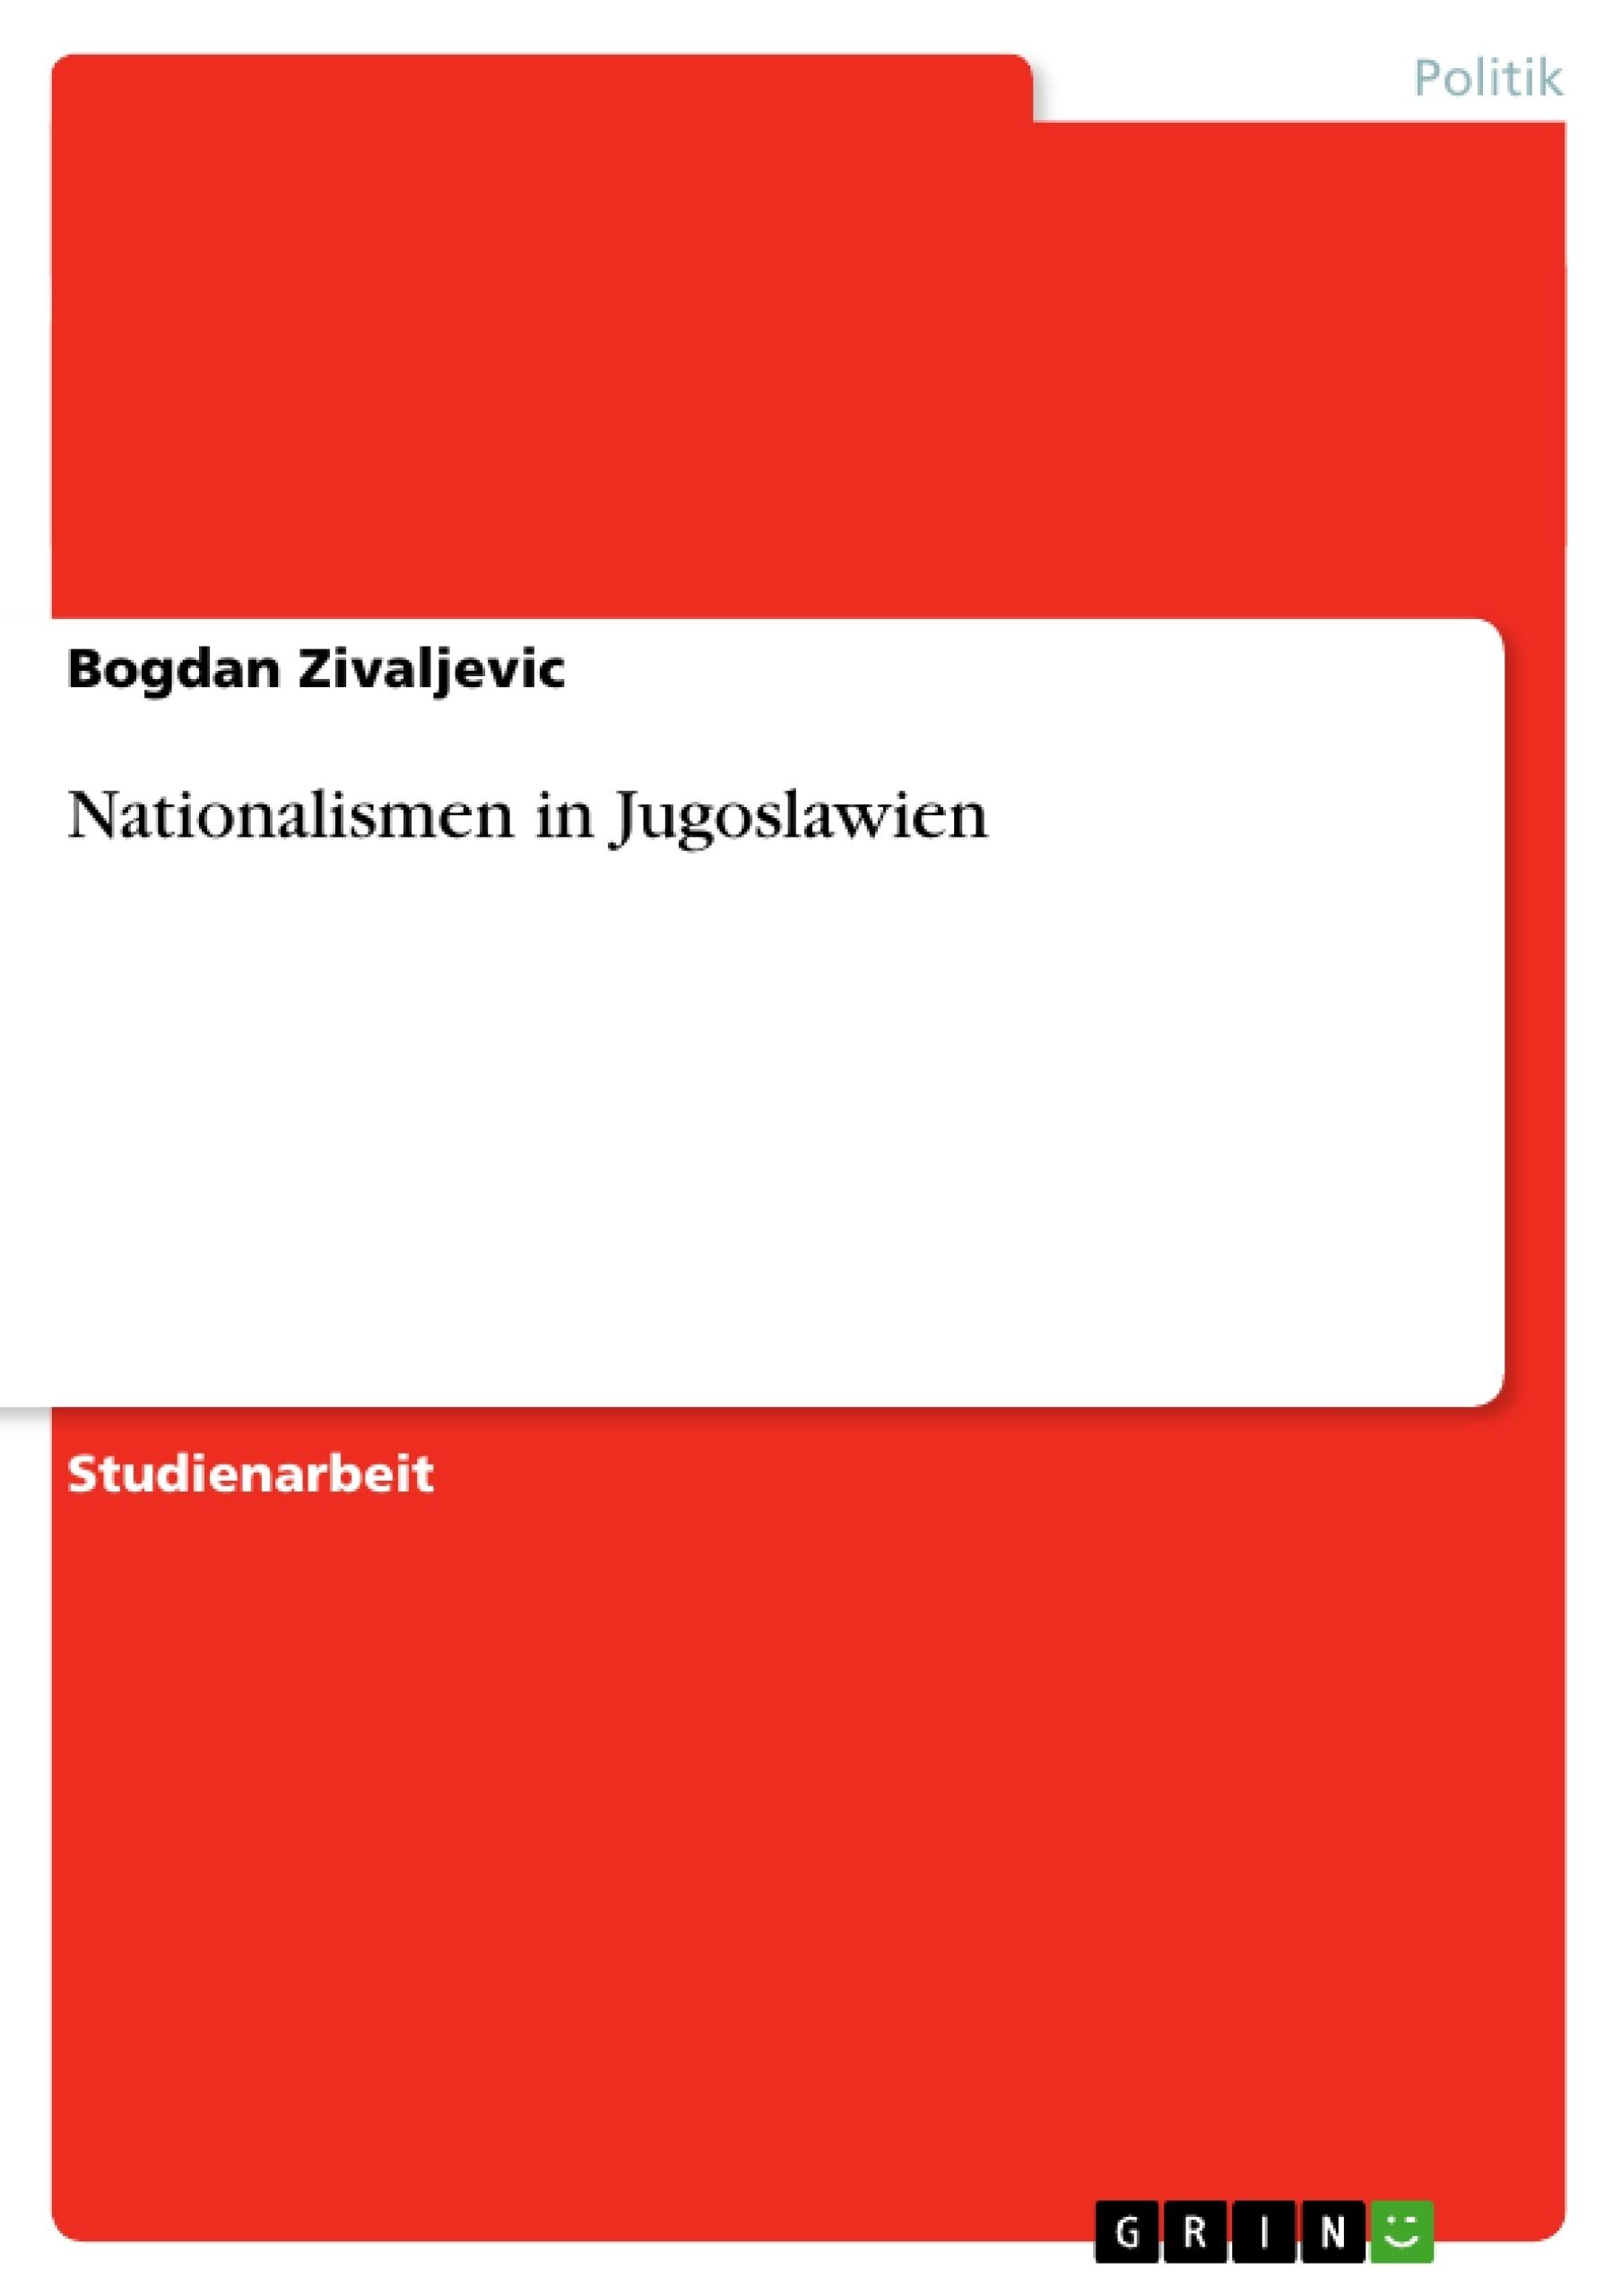 Jugoslawien Karte Früher.Grin Nationalismen In Jugoslawien